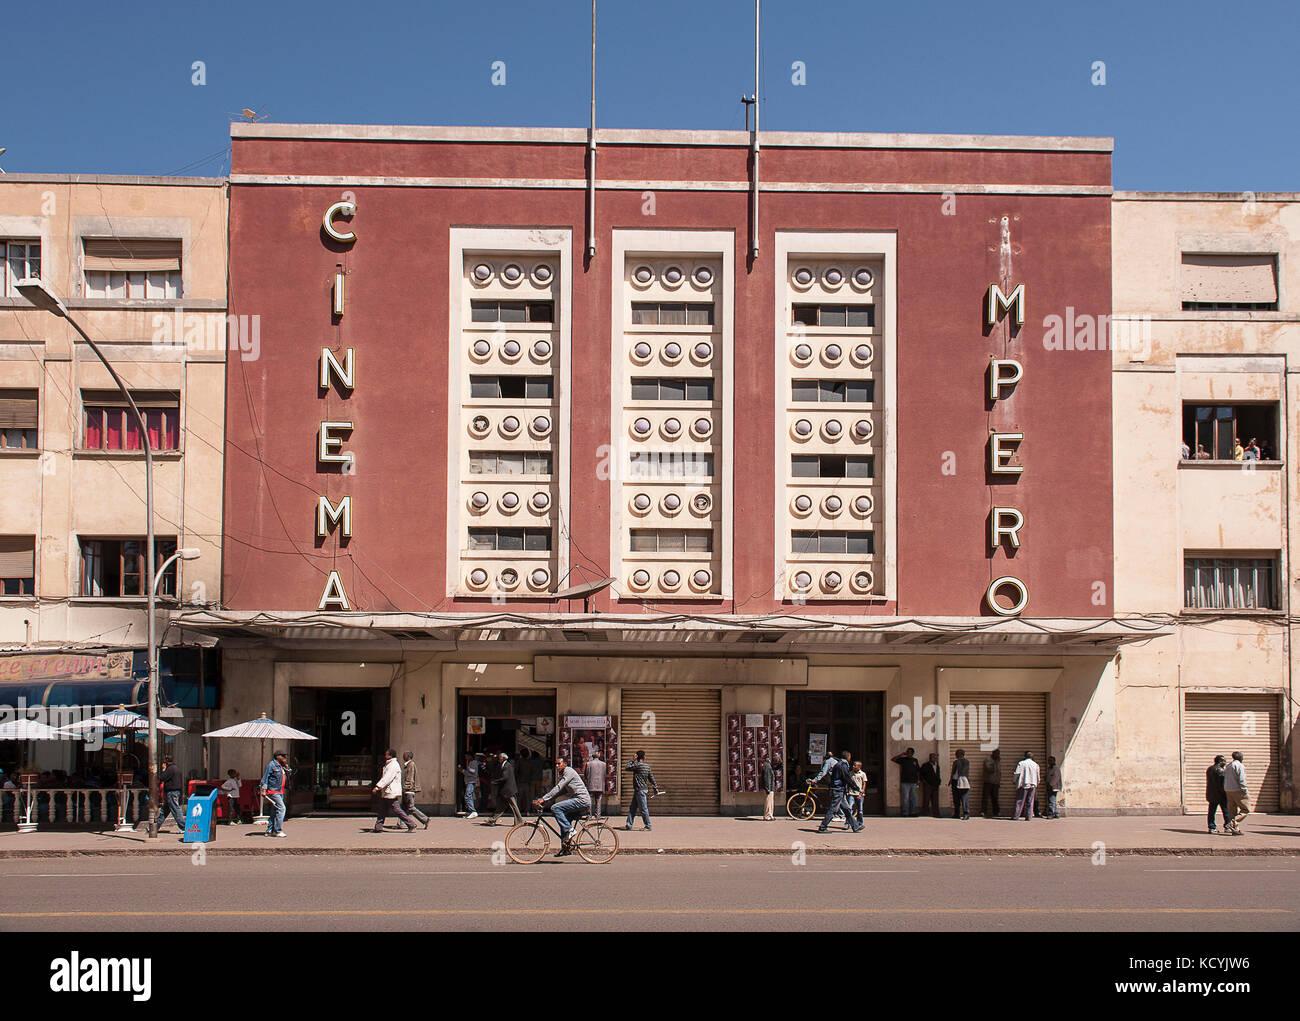 Vue de l'une des 30 Salles de Kinos Deutschlands existent ein Asmara, le 24 Fevrier, Erythree. Blick auf eine Stockbild